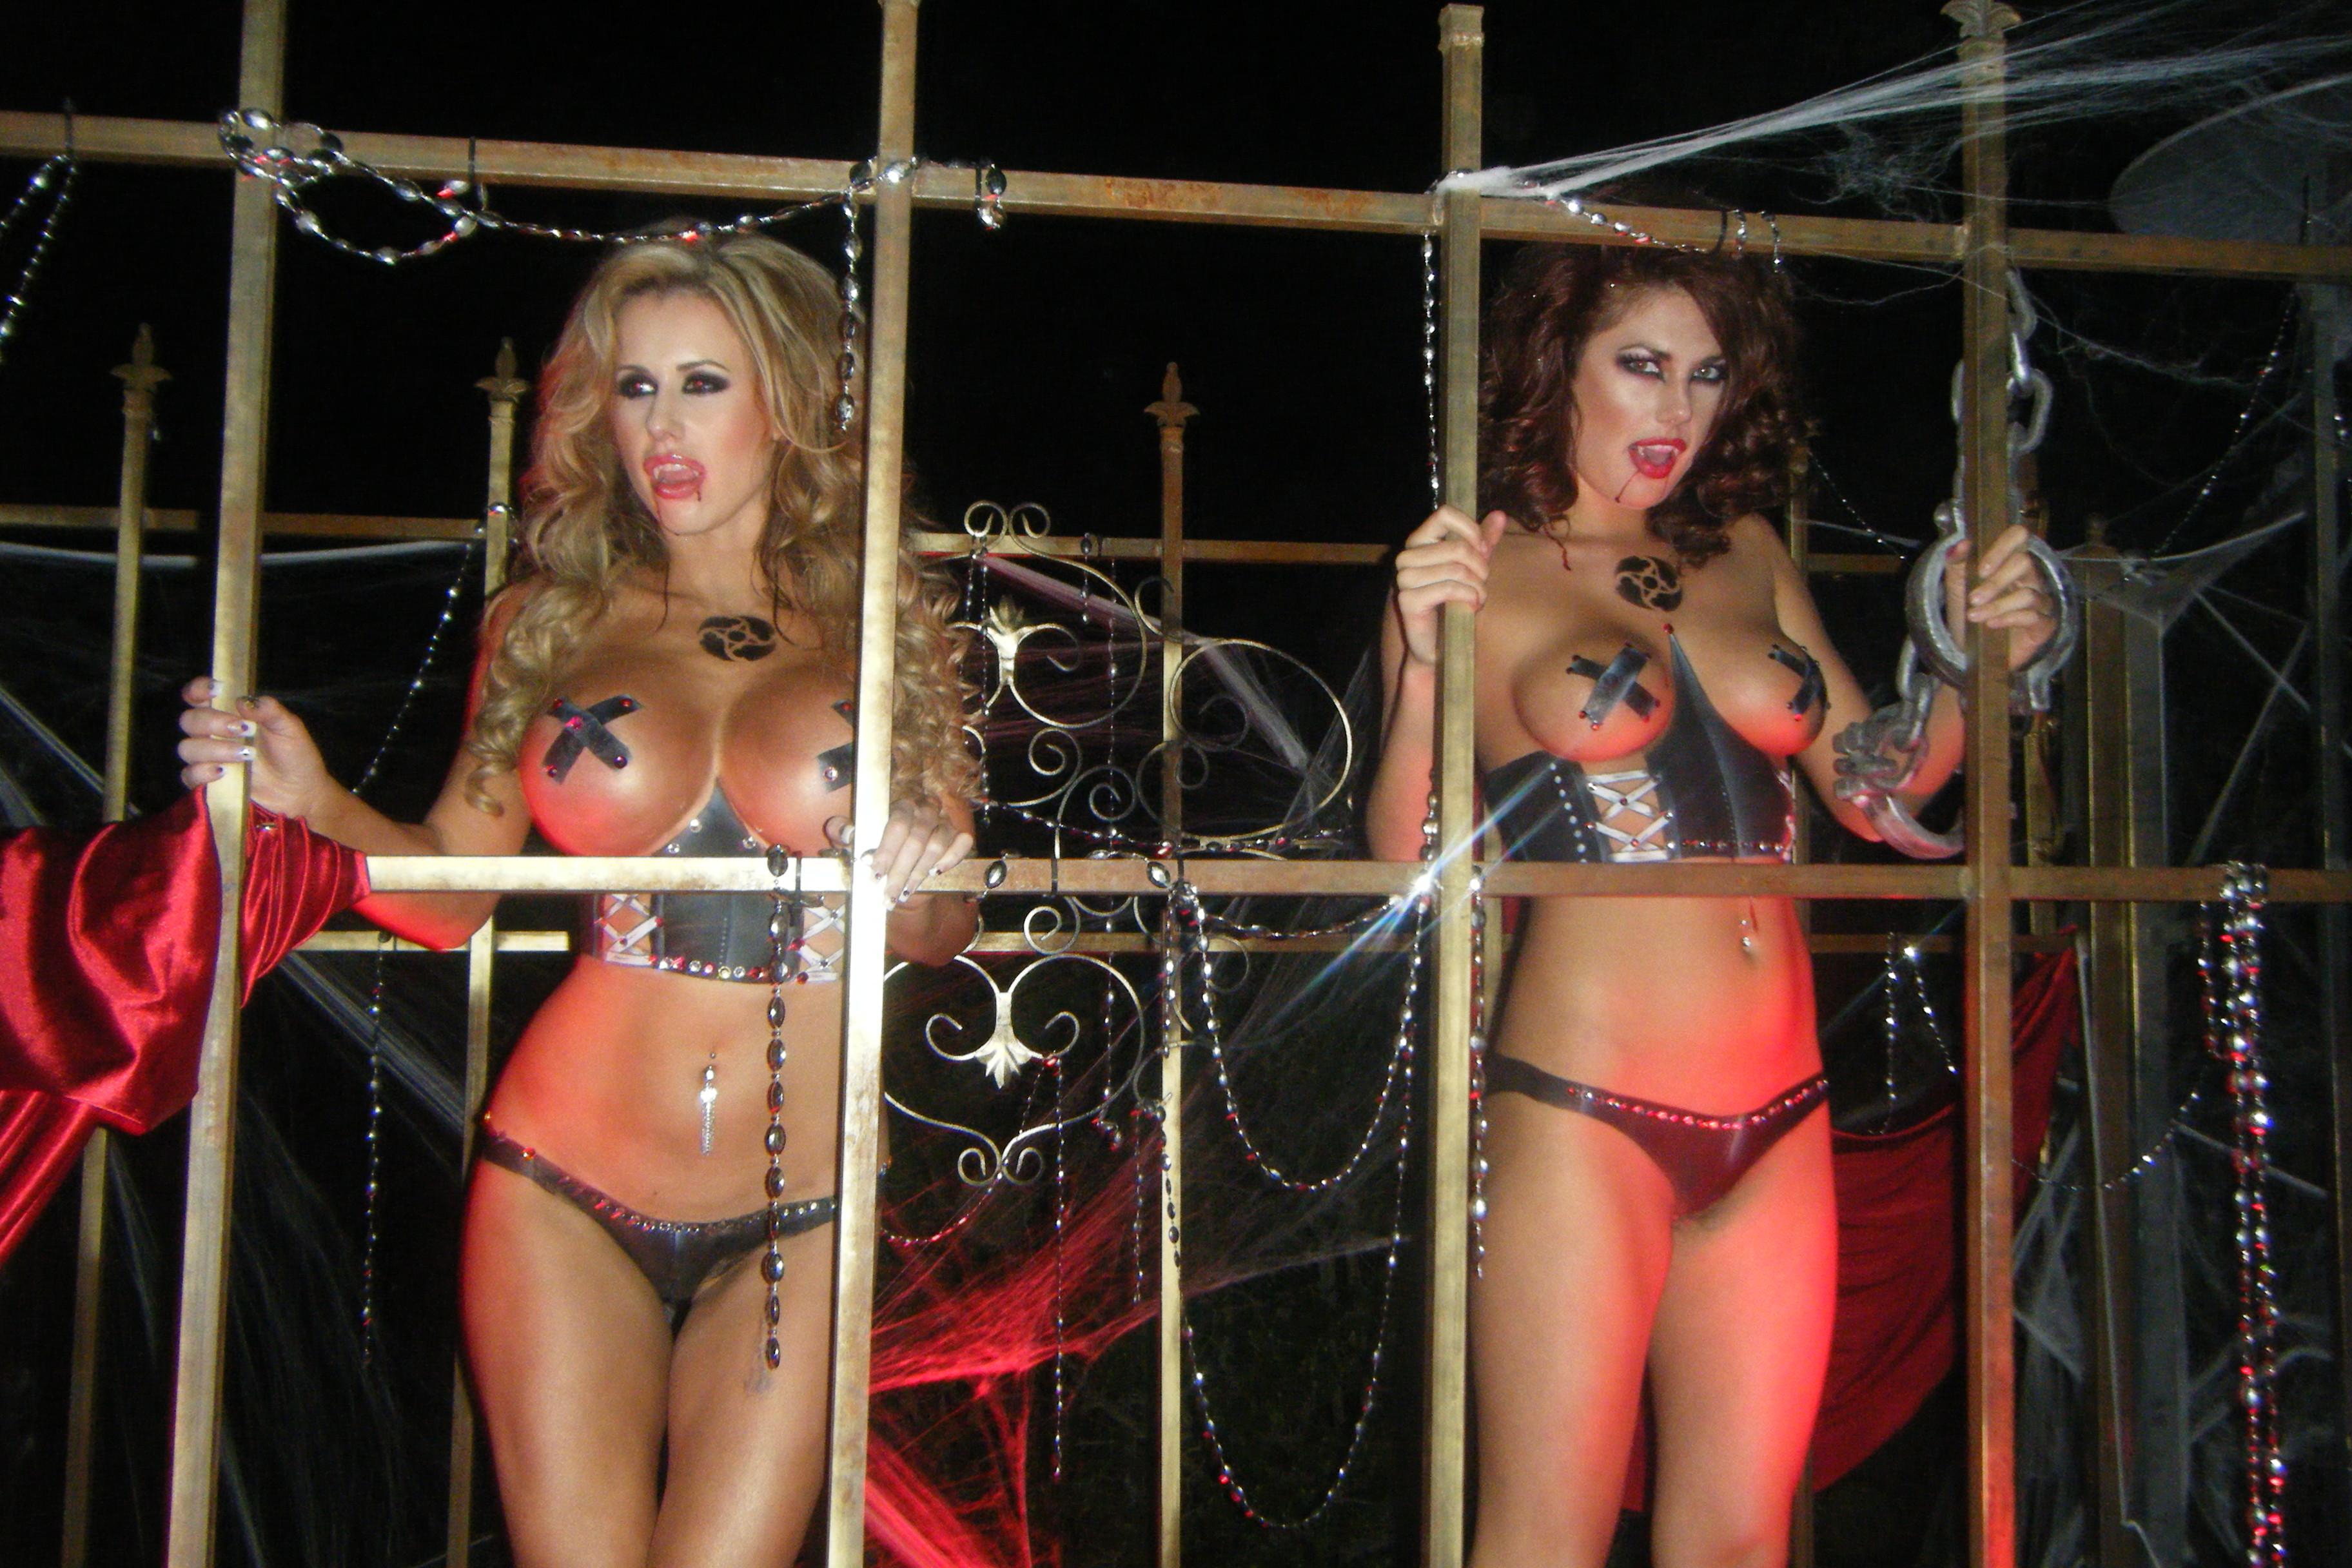 https://footmeetmouthdotcom.files.wordpress.com/2011/11/naked-ladies.jpg